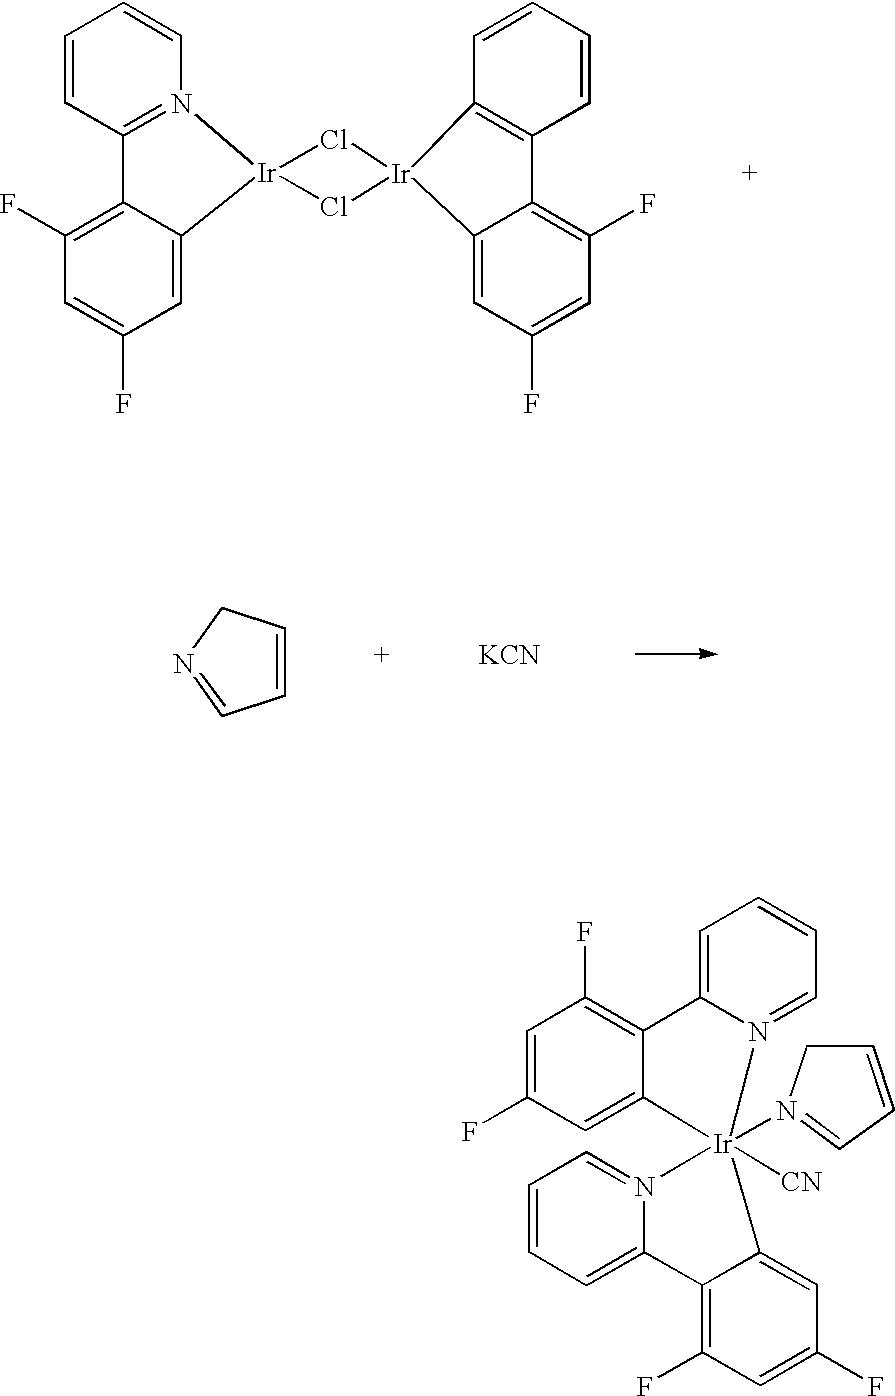 Figure US20050112406A1-20050526-C00022